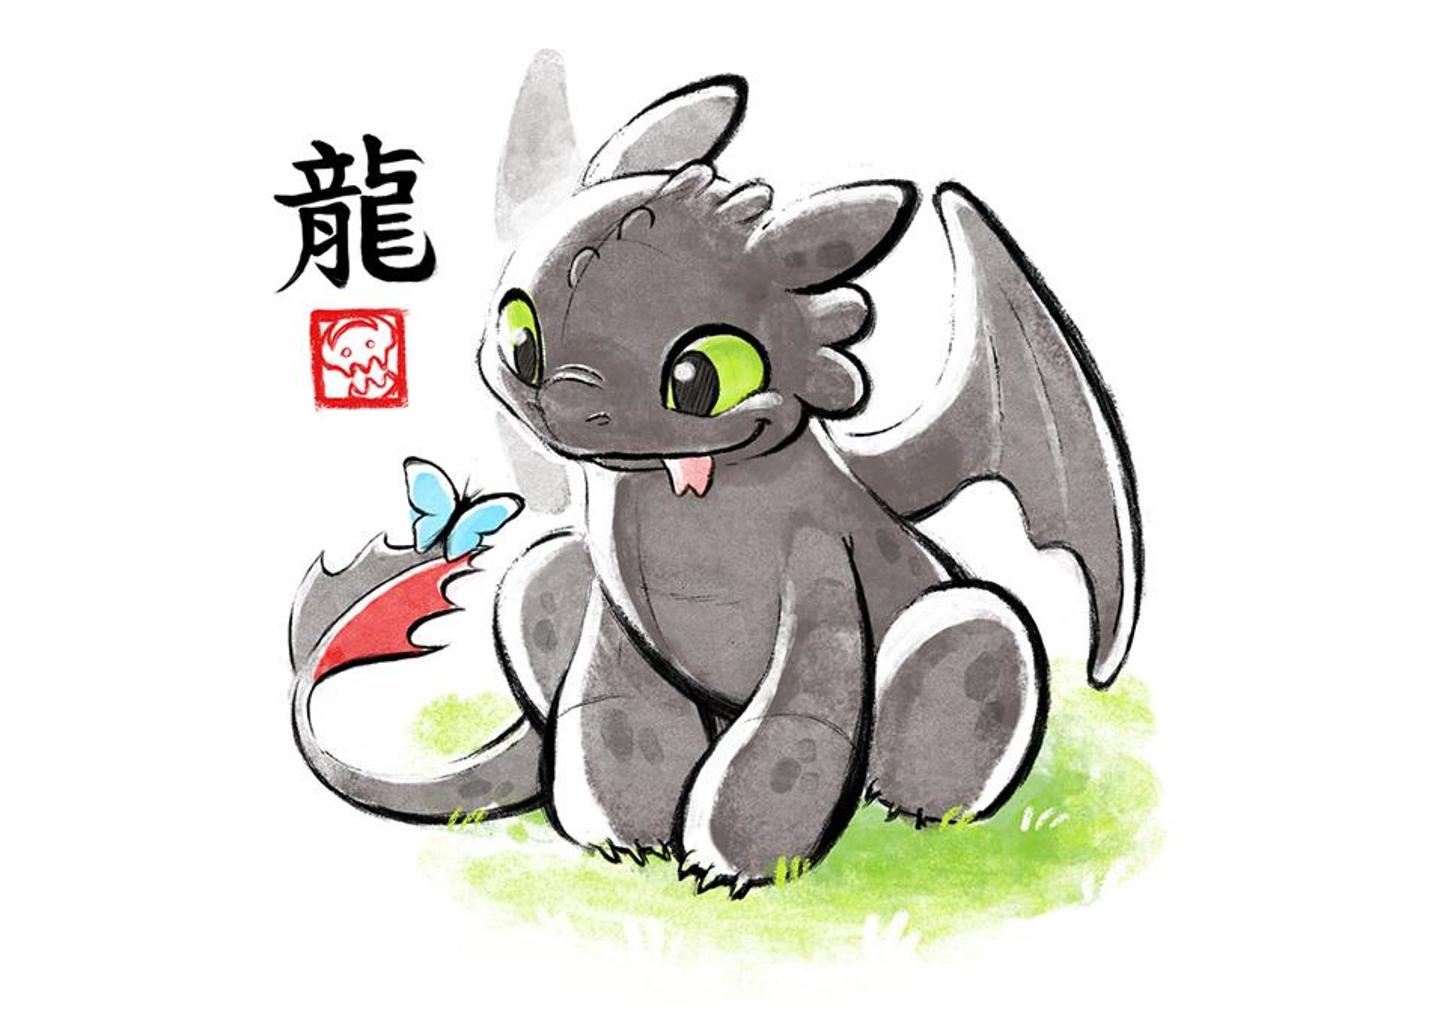 TeeFury: Inked Dragon